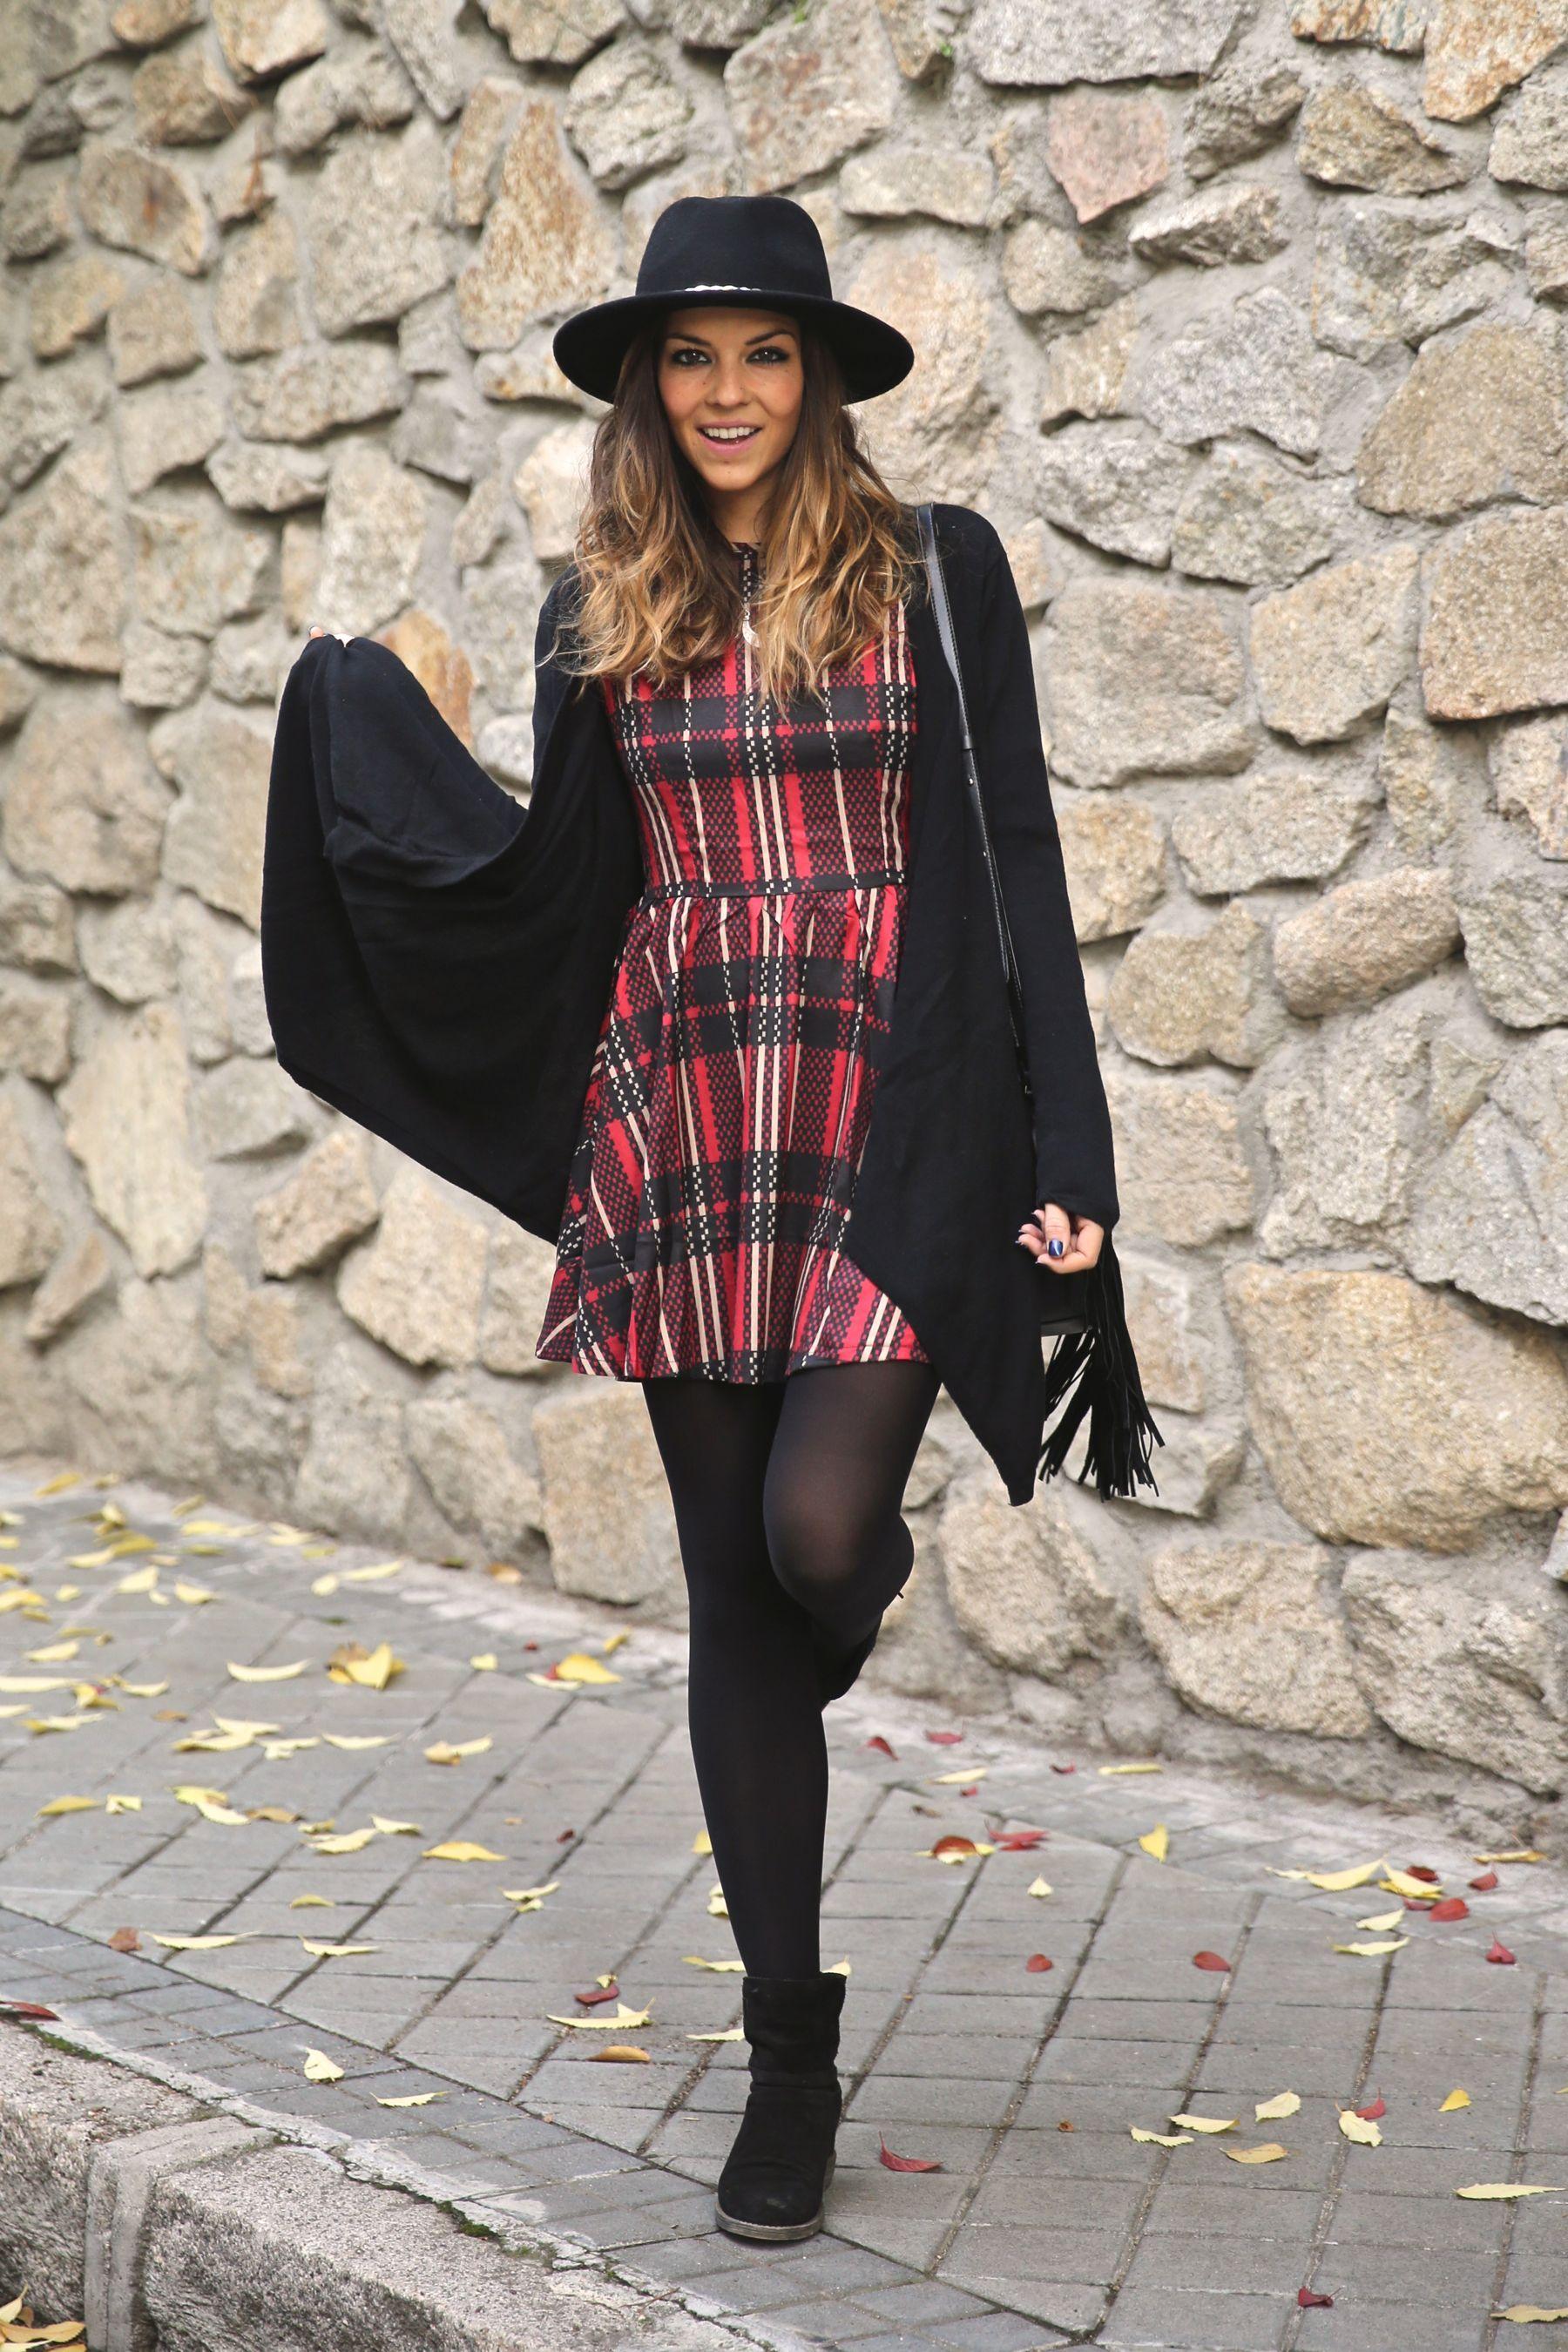 Vestido cuadros | Looks Moda | Vestidos, Medias negras y Outfits